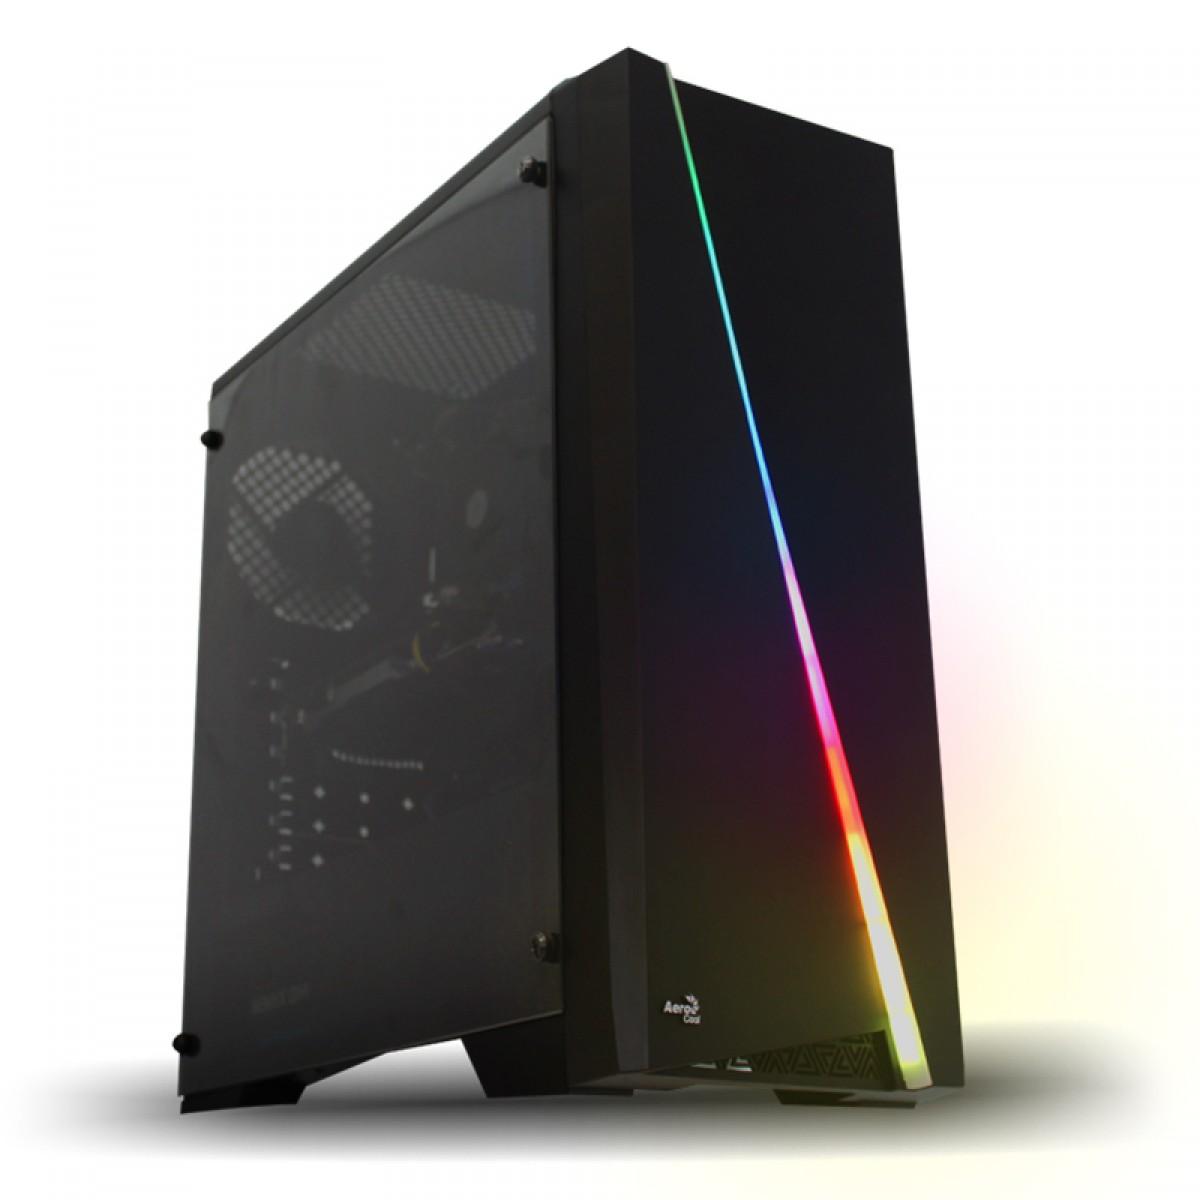 Pc Gamer T-Moba Dominator LVL-1 AMD Ryzen 3 3200G / Geforce GTX 1650 4GB / DDR4 8GB / HD 1TB